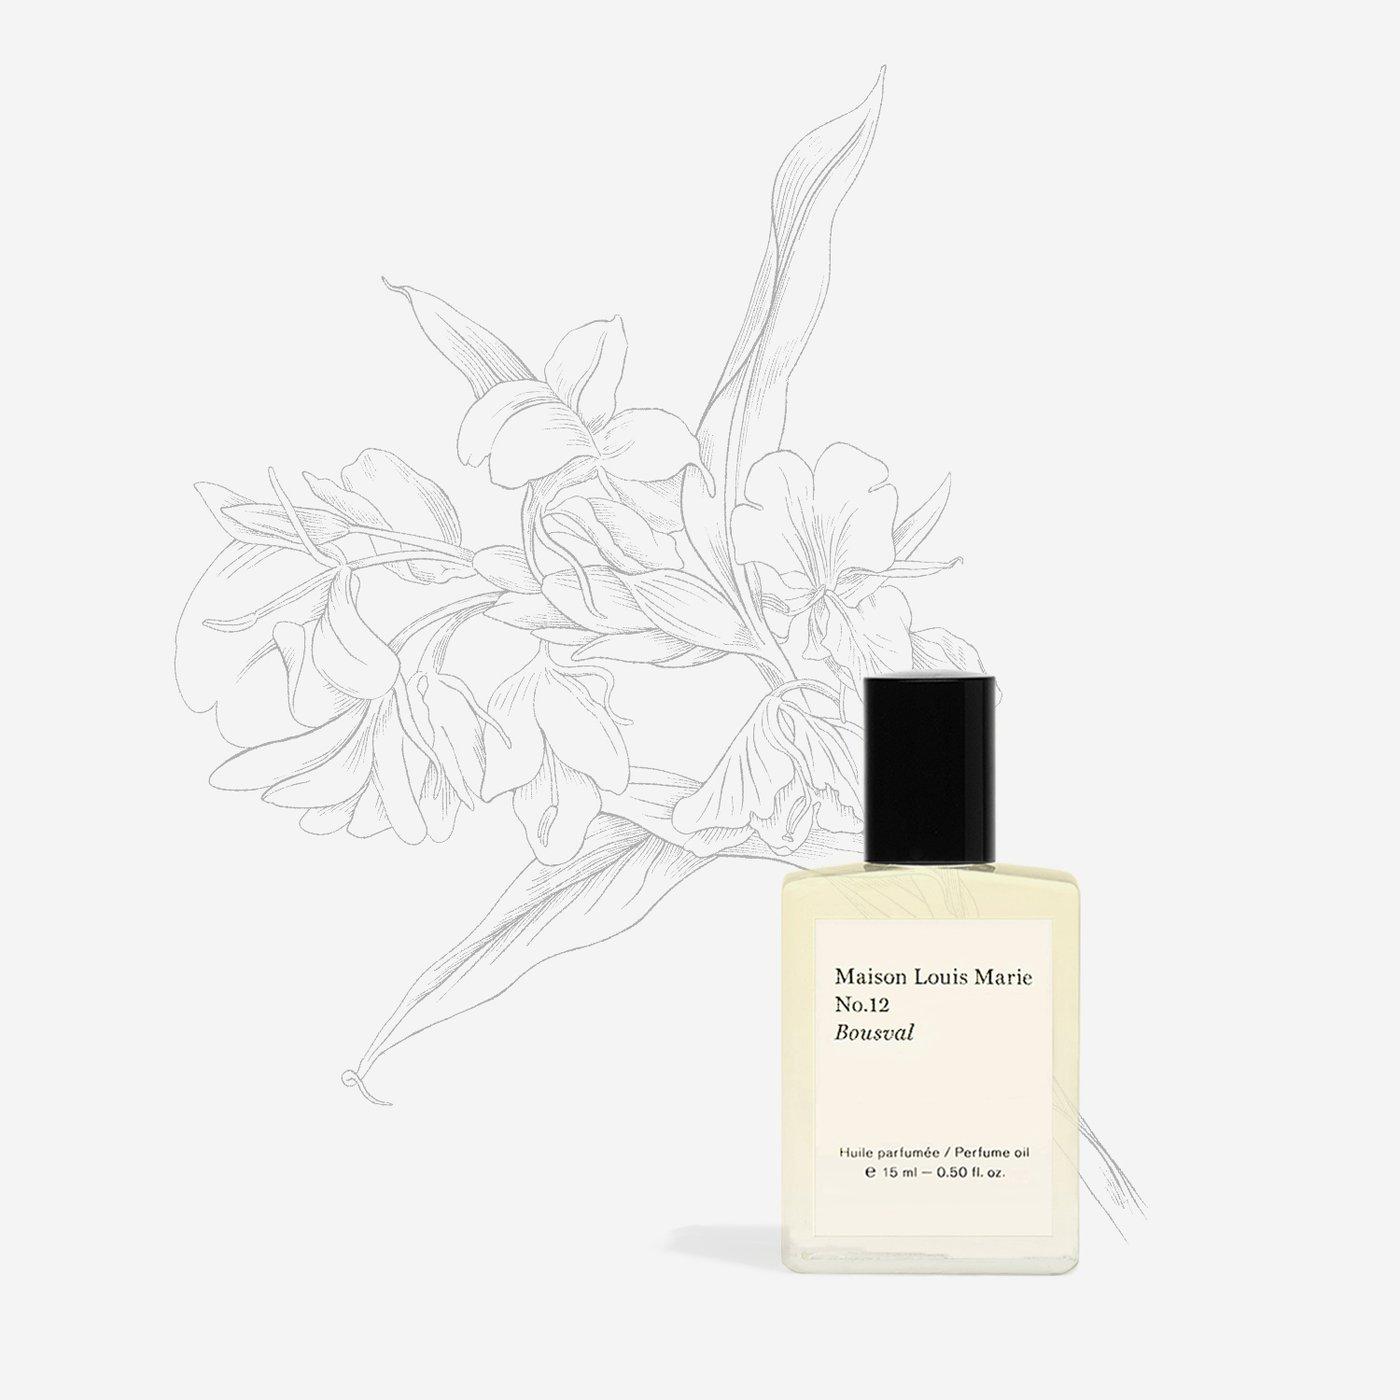 nontoxic natural perfume